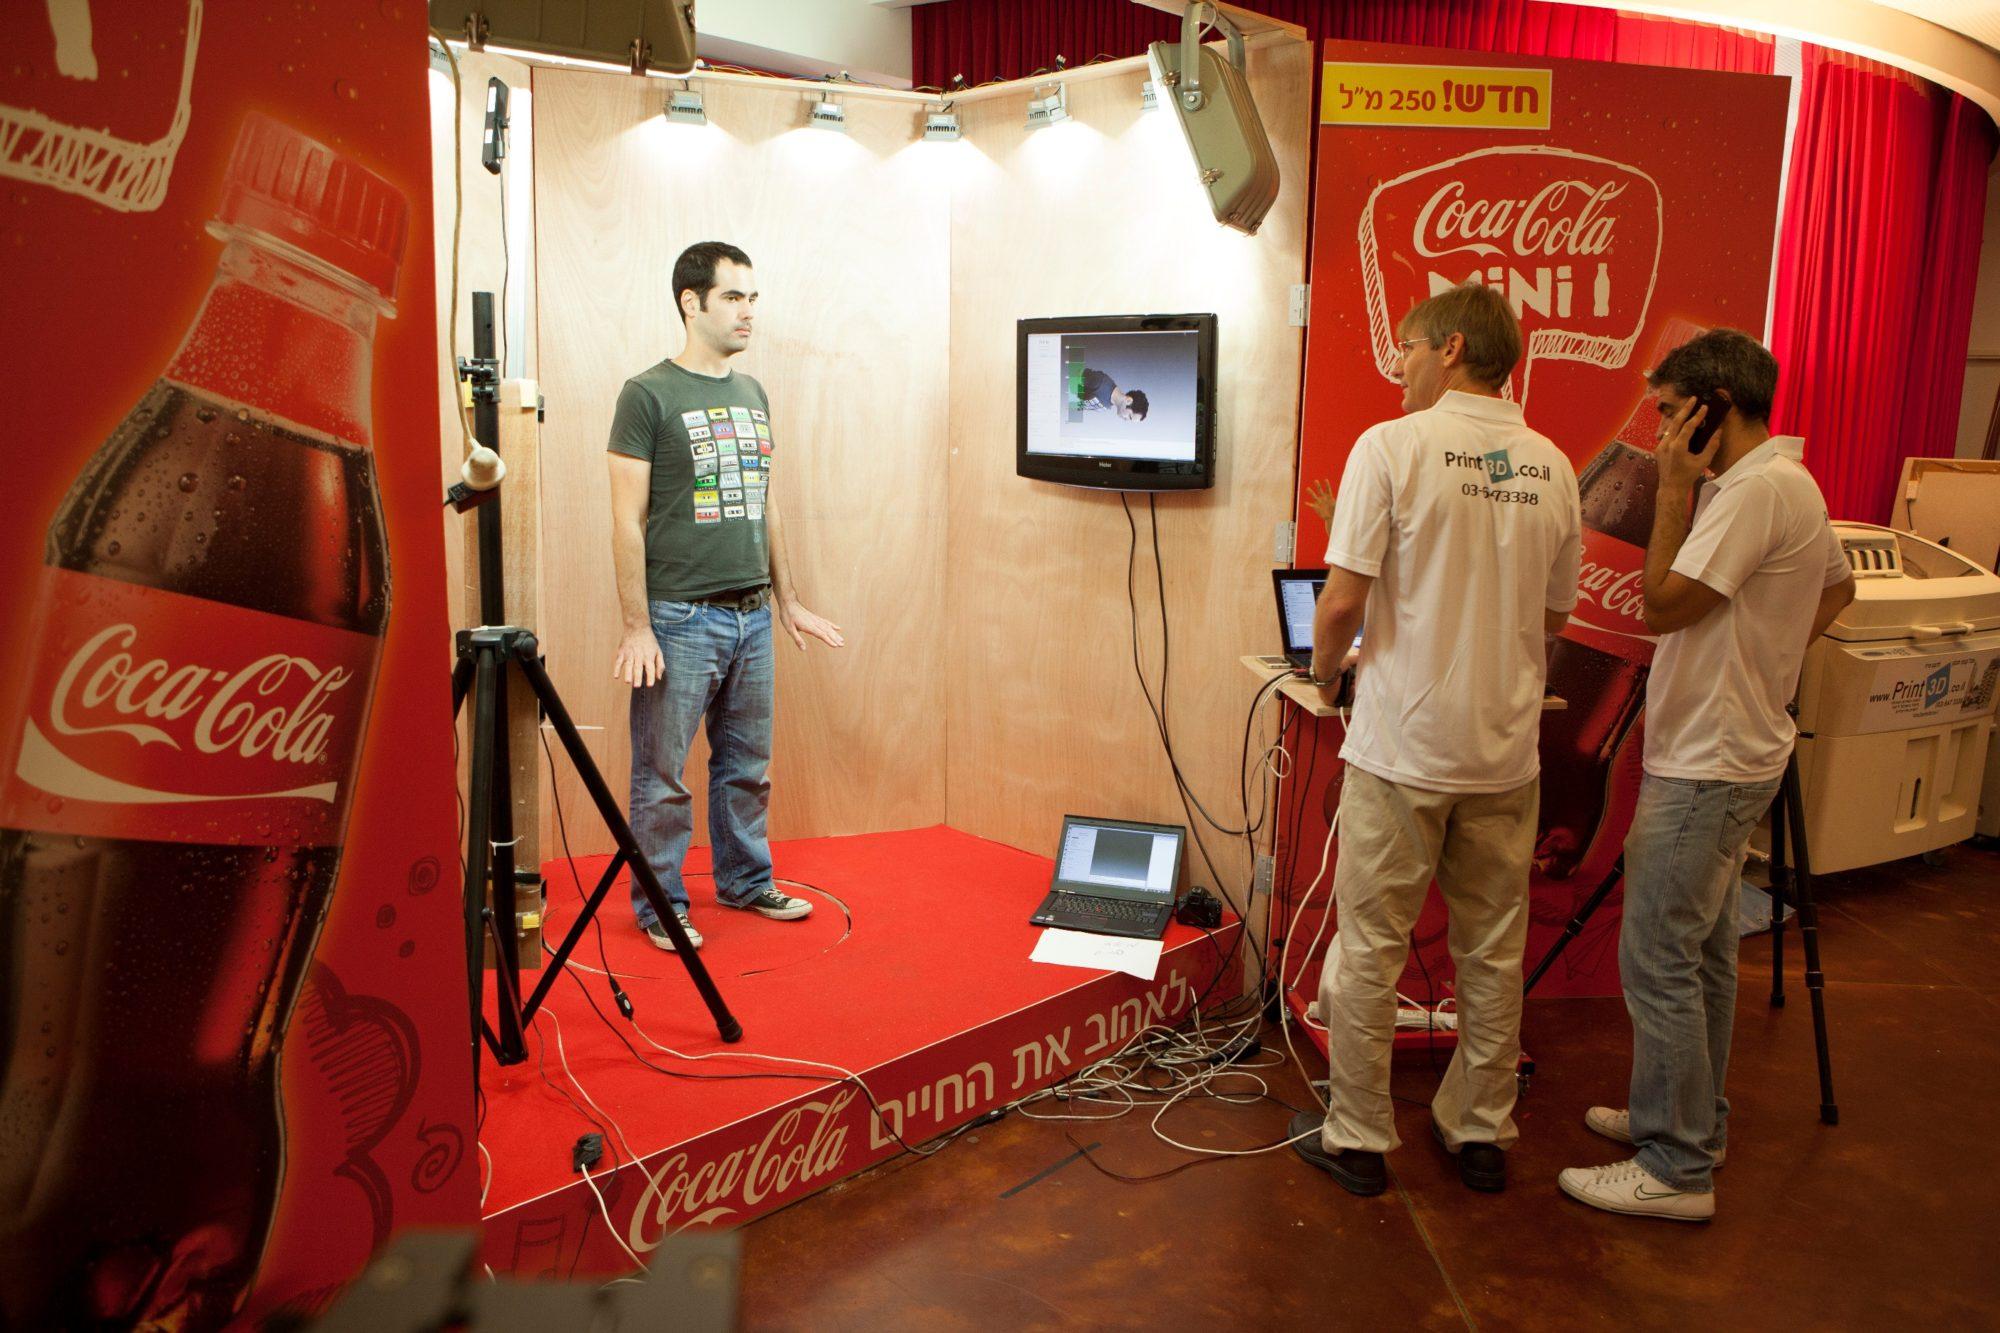 תמונה: קוקה קולה, צילום: Gefen Team